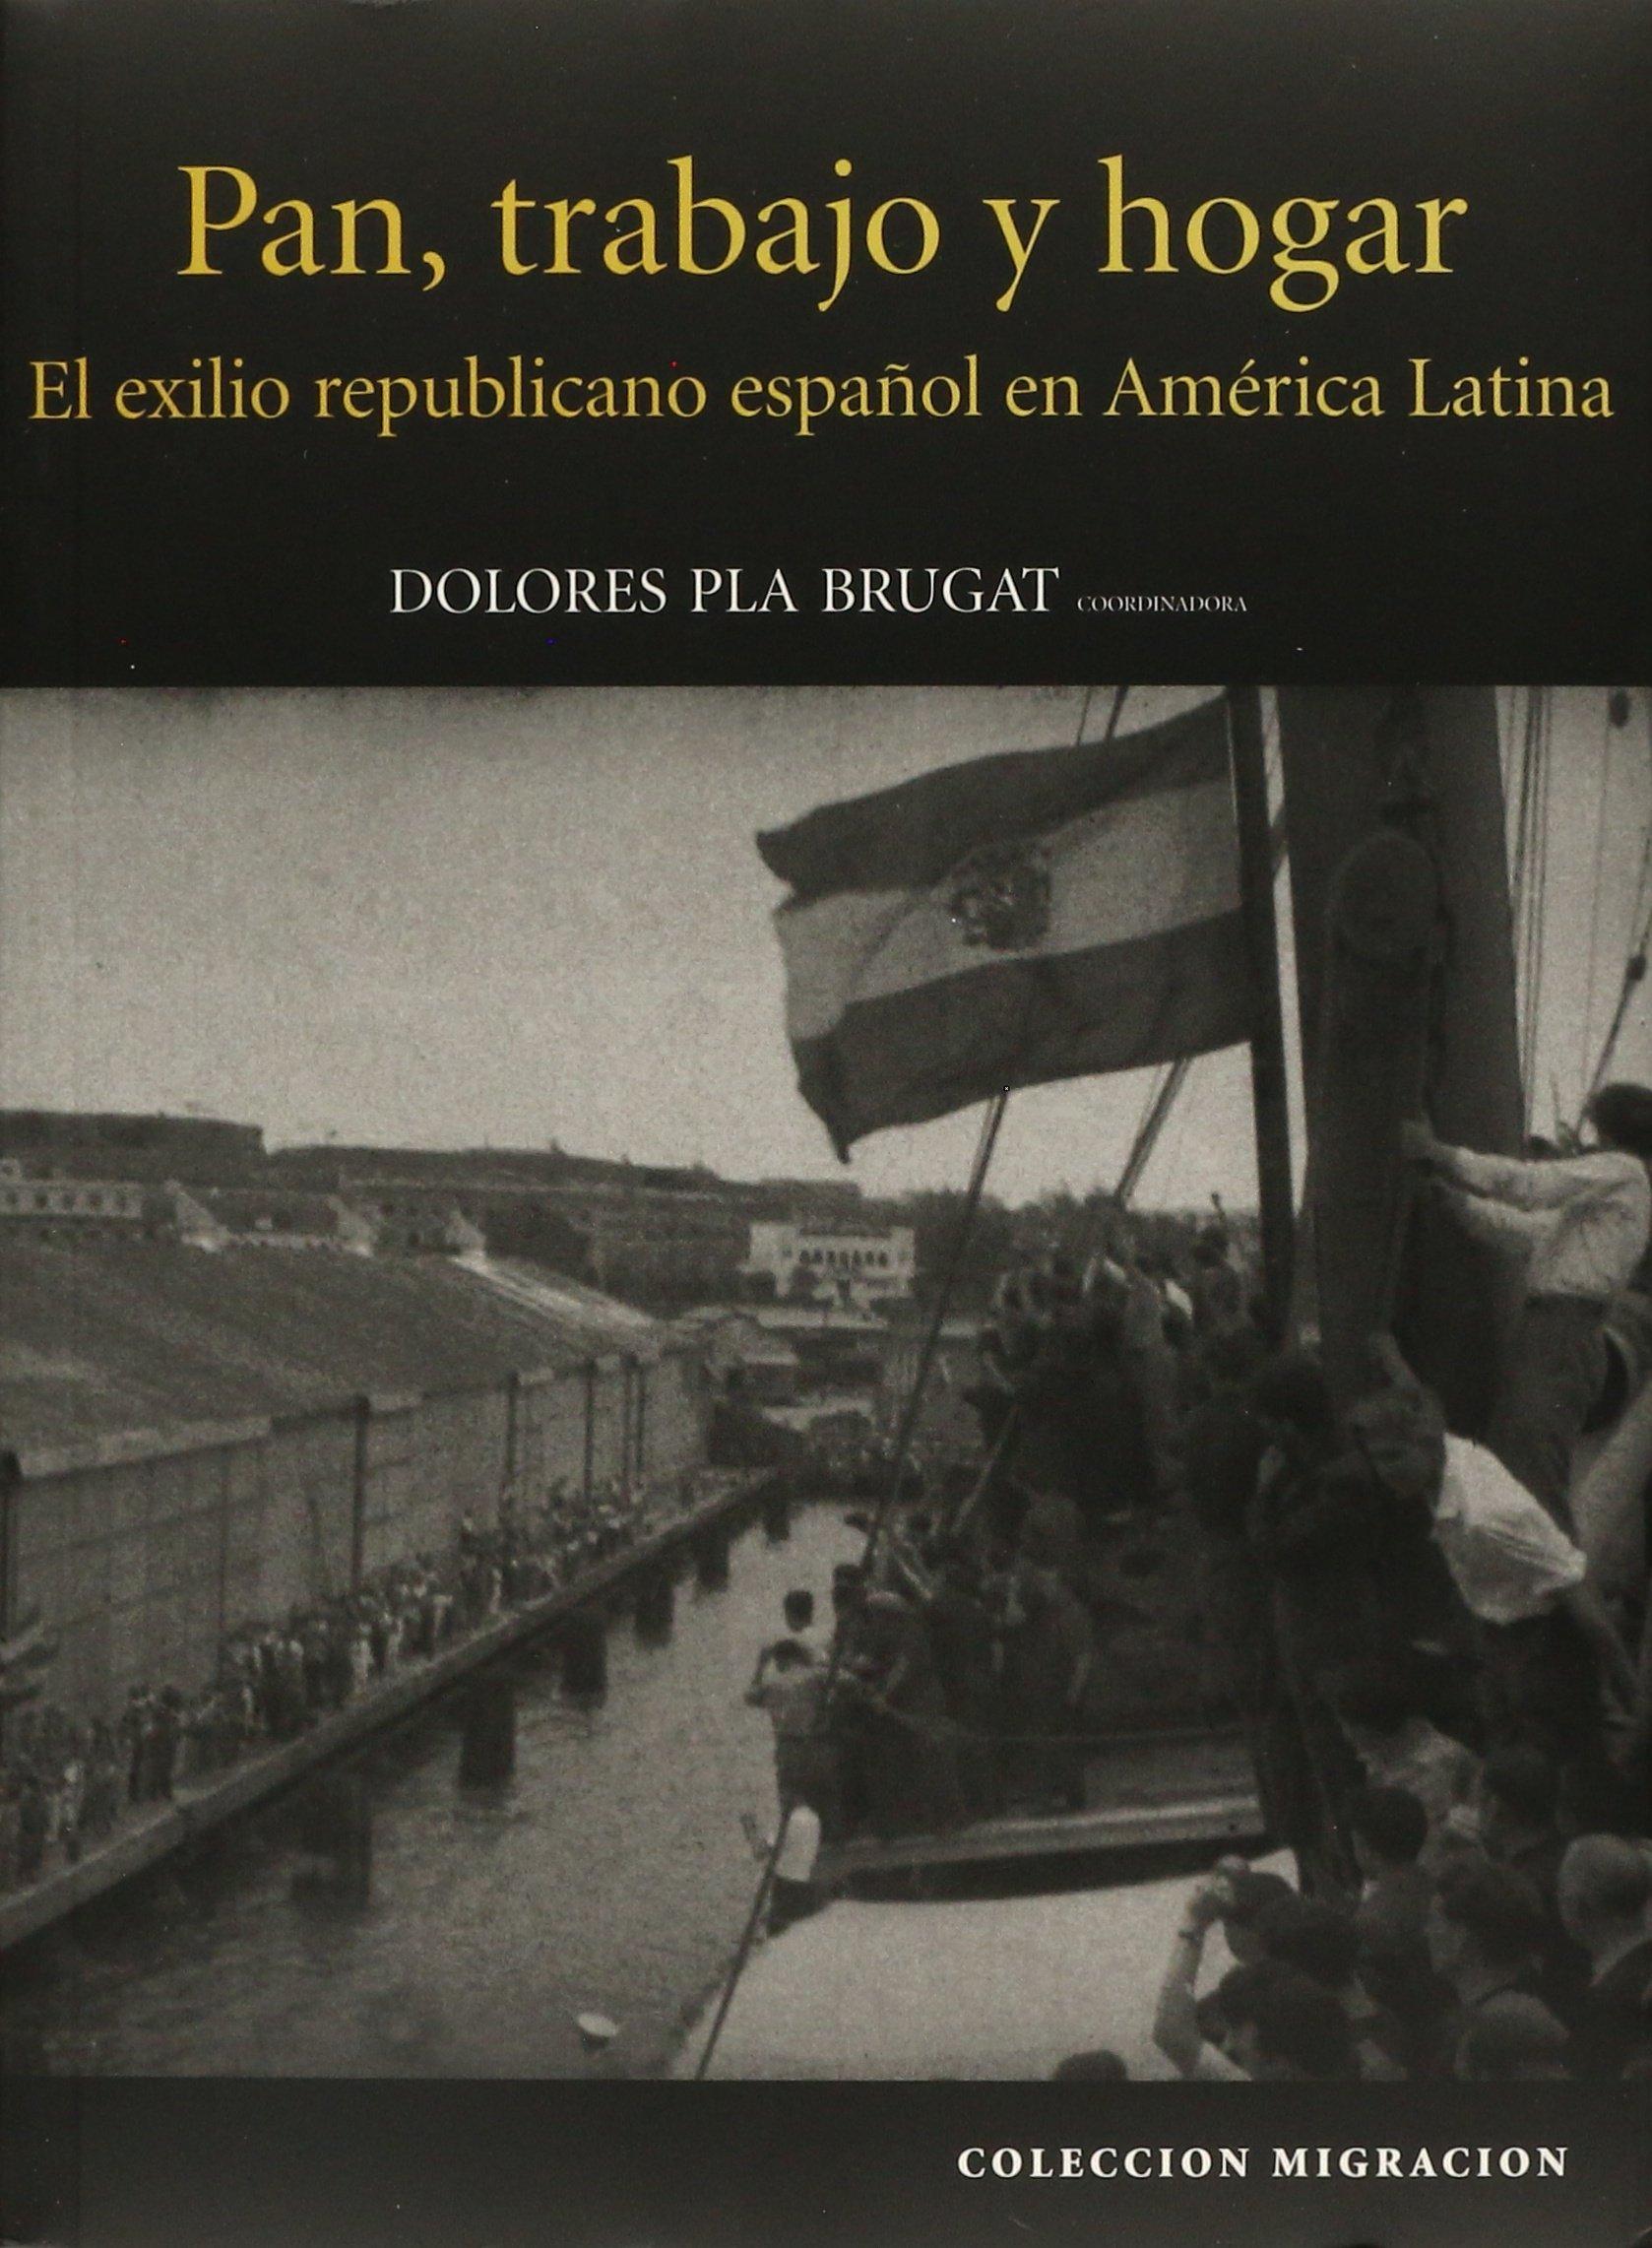 Pan, trabajo y hogar: el exilio republicano español en América Latina: Amazon.es: Pla Brugat, Dolores: Libros